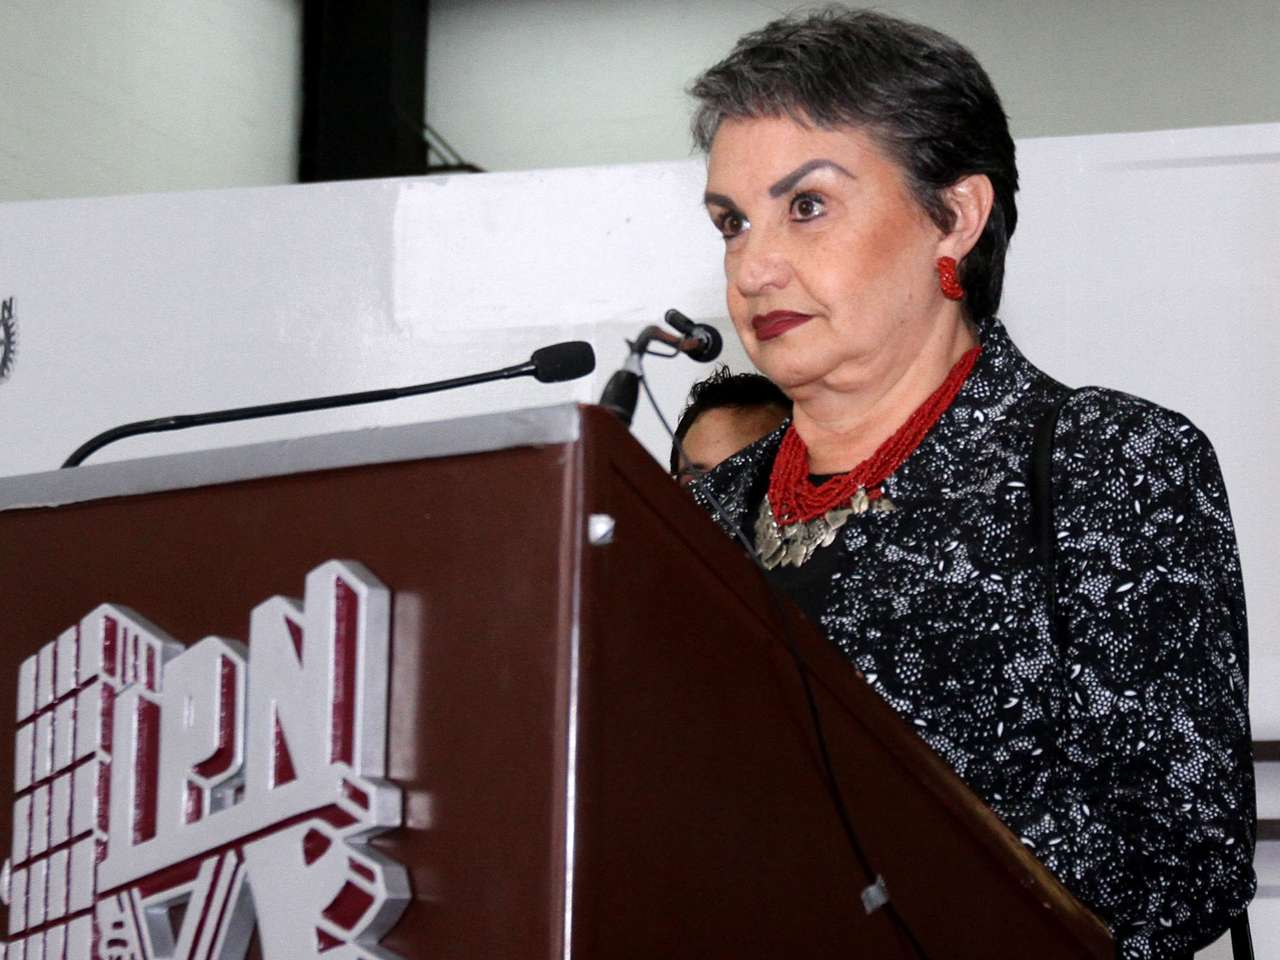 El IPN precisa que su directora general, Yoloxóchitl Bustamante Díez, no tiene ninguna cuenta personal en redes sociales como Facebook o Twitter Foto: Notimex /archivo